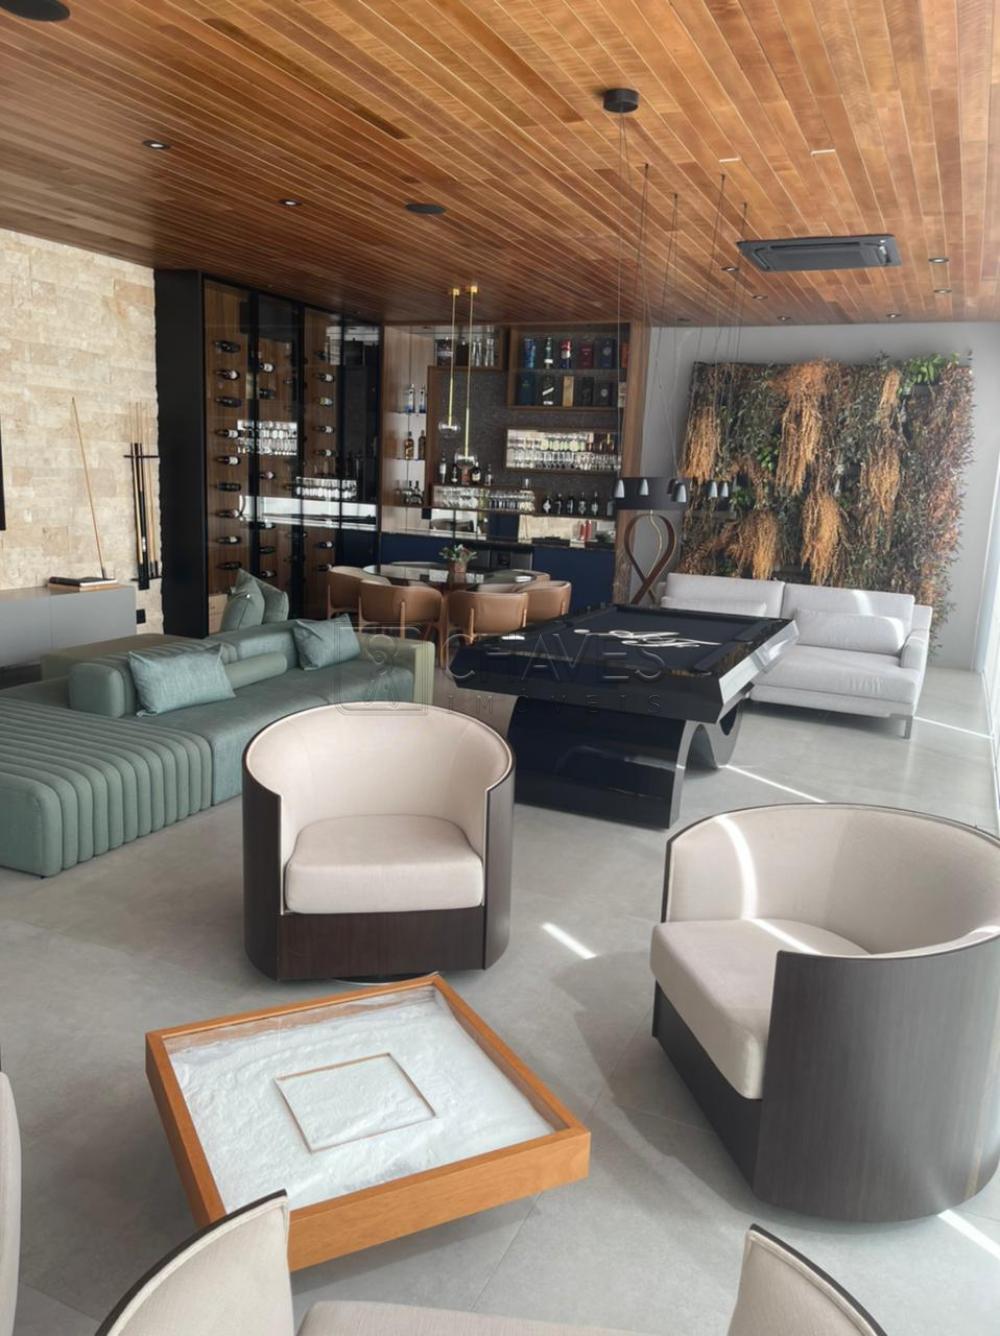 Comprar Casa / Condomínio em Ribeirão Preto R$ 3.700.000,00 - Foto 5